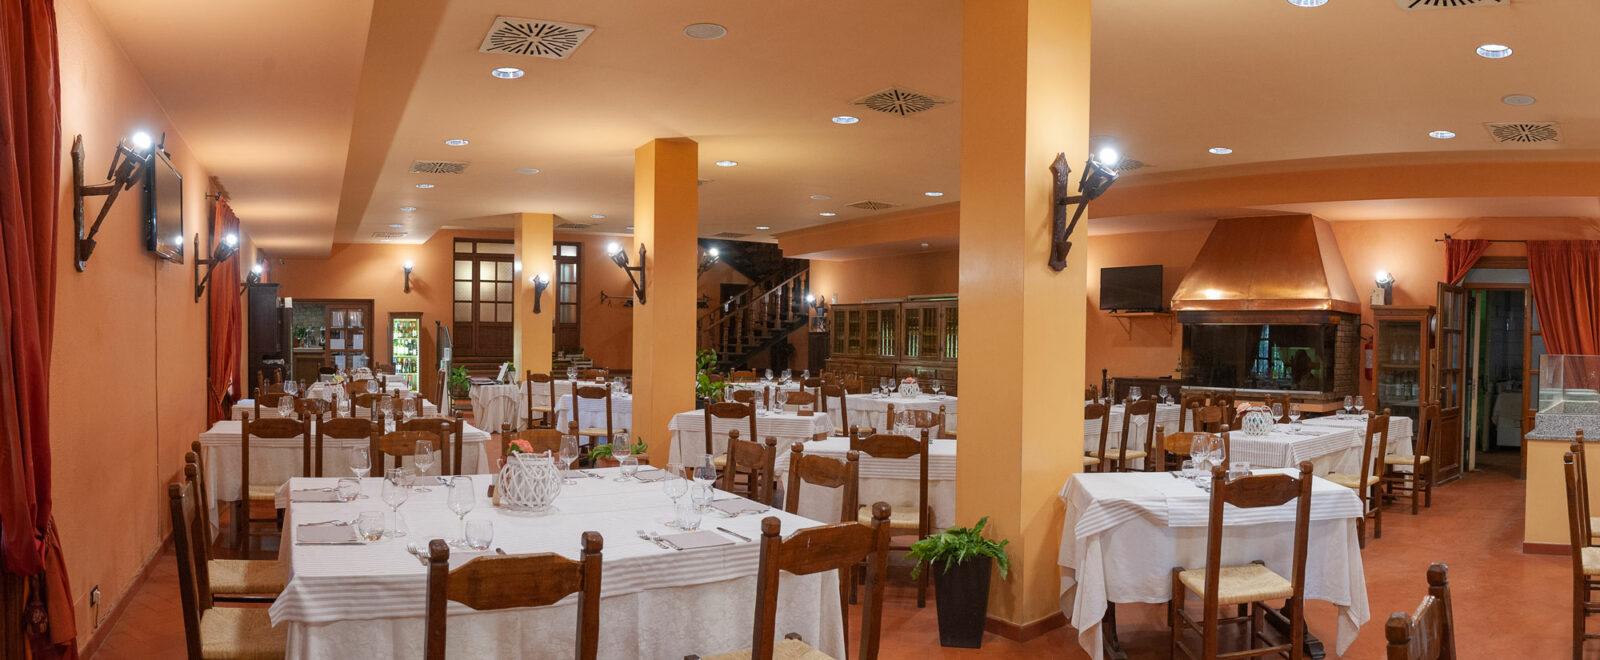 la-fattoria-ristorante-pizzeria-albergo-sala-da-pranzo-piano-terra